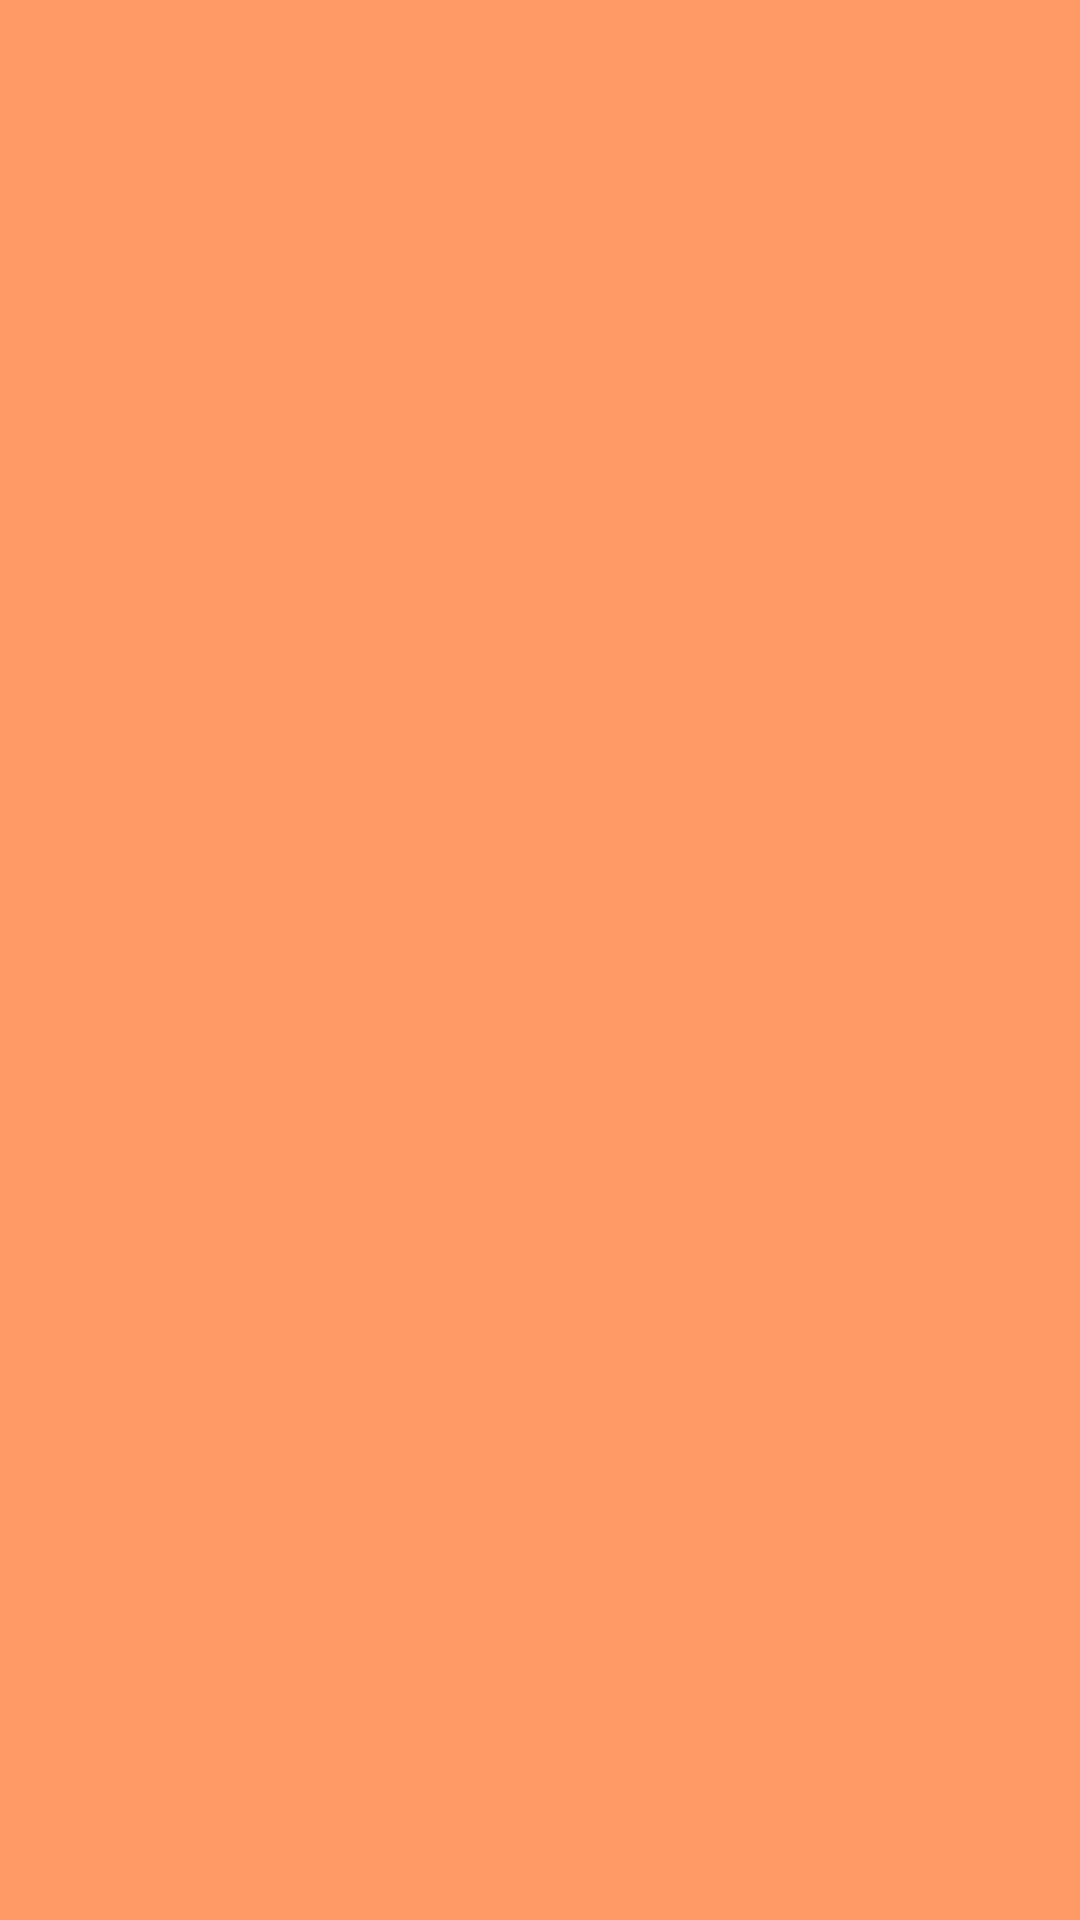 1080x1920 Pink-orange Solid Color Background